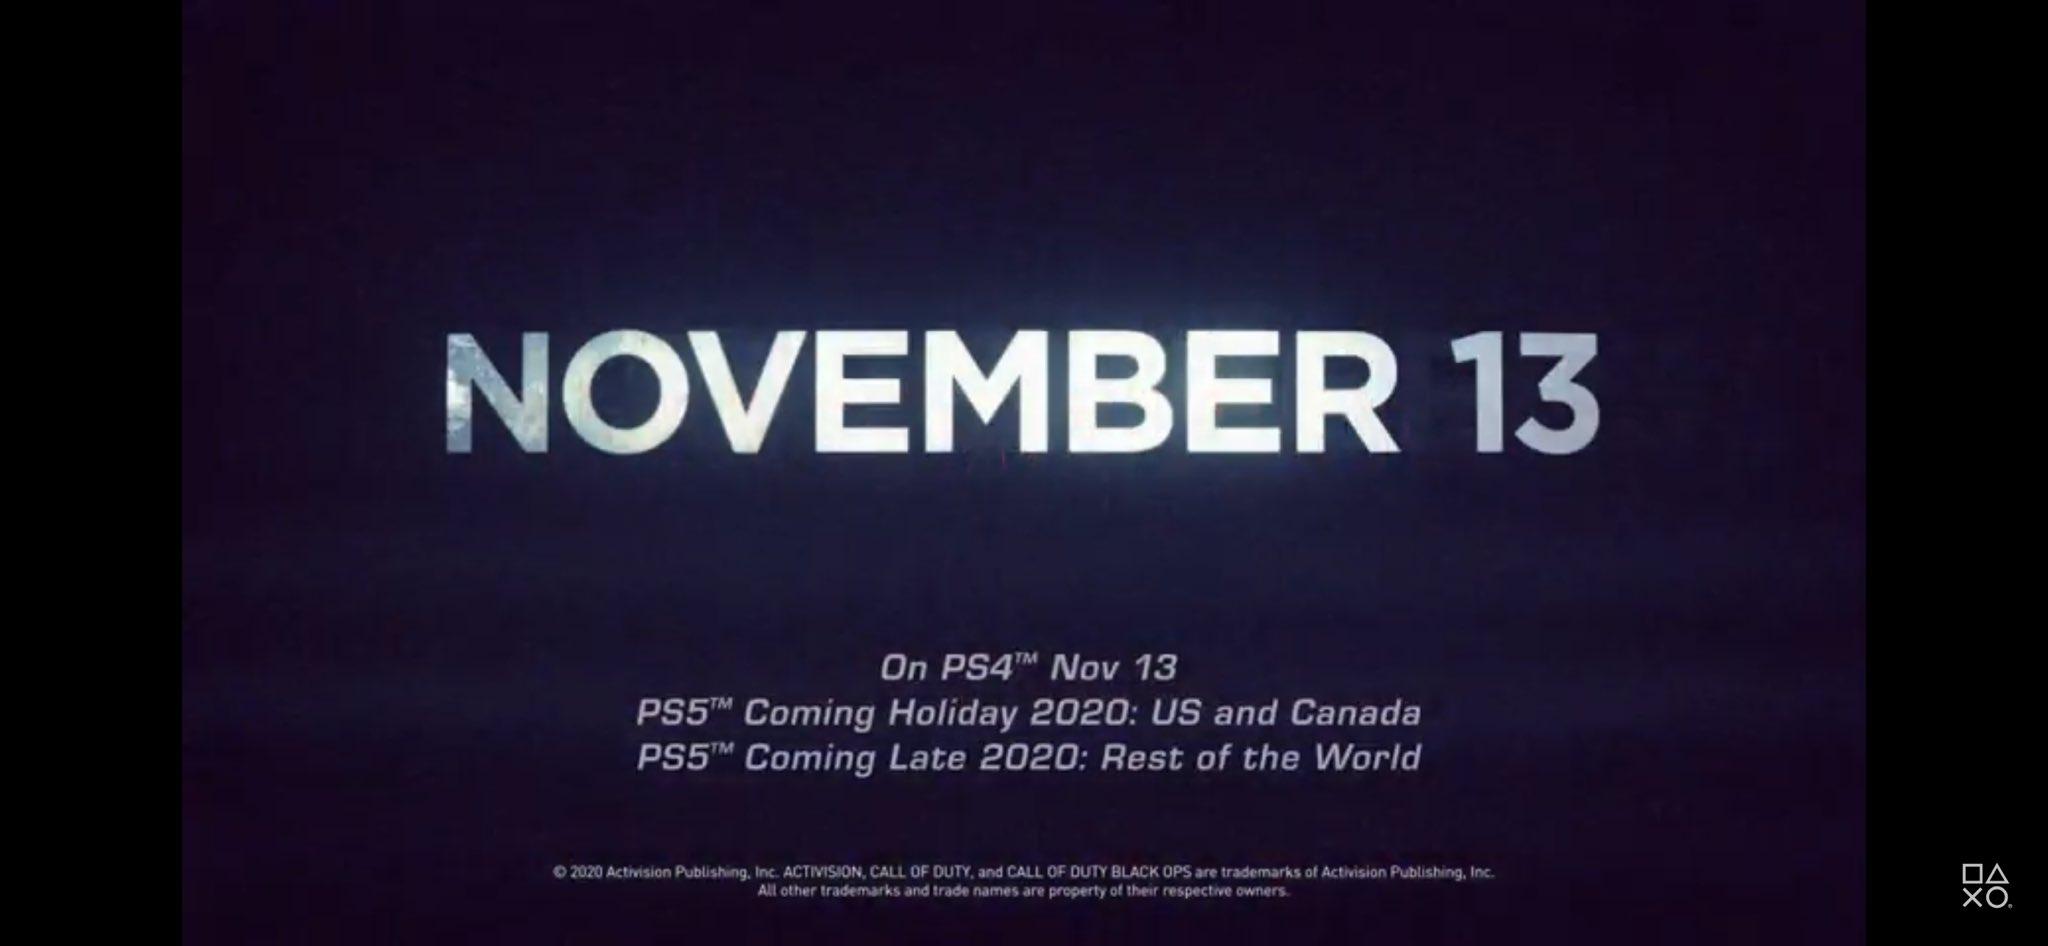 Трейлер Call of Duty подтвердил, что PS5 в Северной Америке станет доступна раньше остального мира